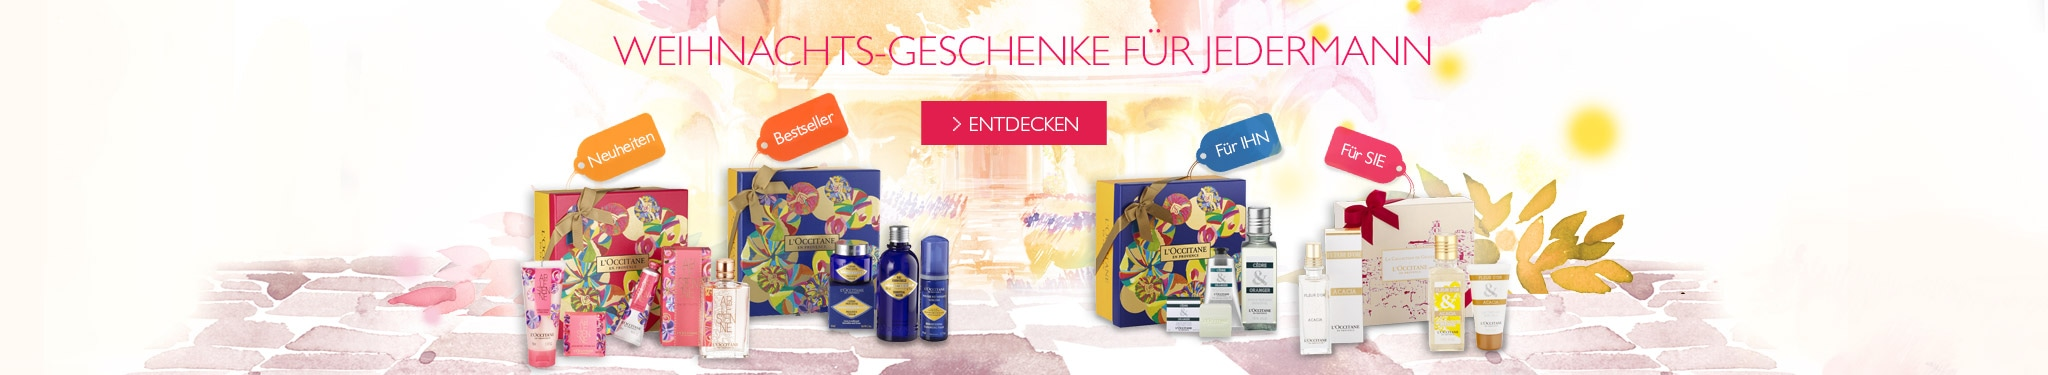 WEIHNACHTS-GESCHENKE FÜR JEDERMANN